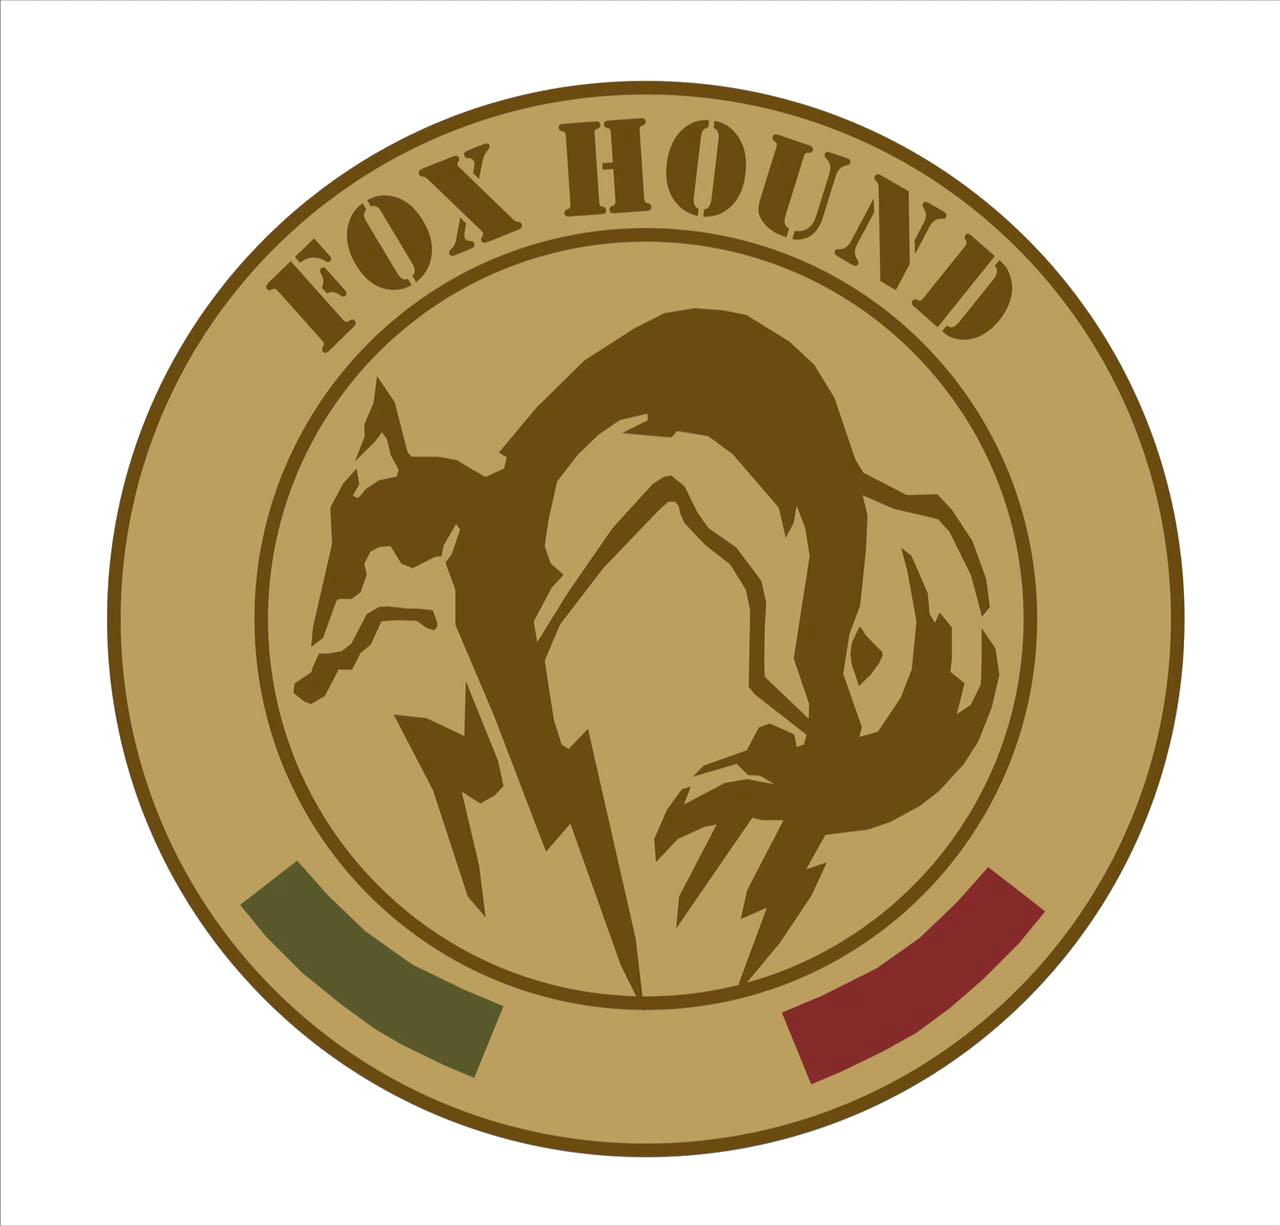 Fox Hound Softair | Desenzano del Garda